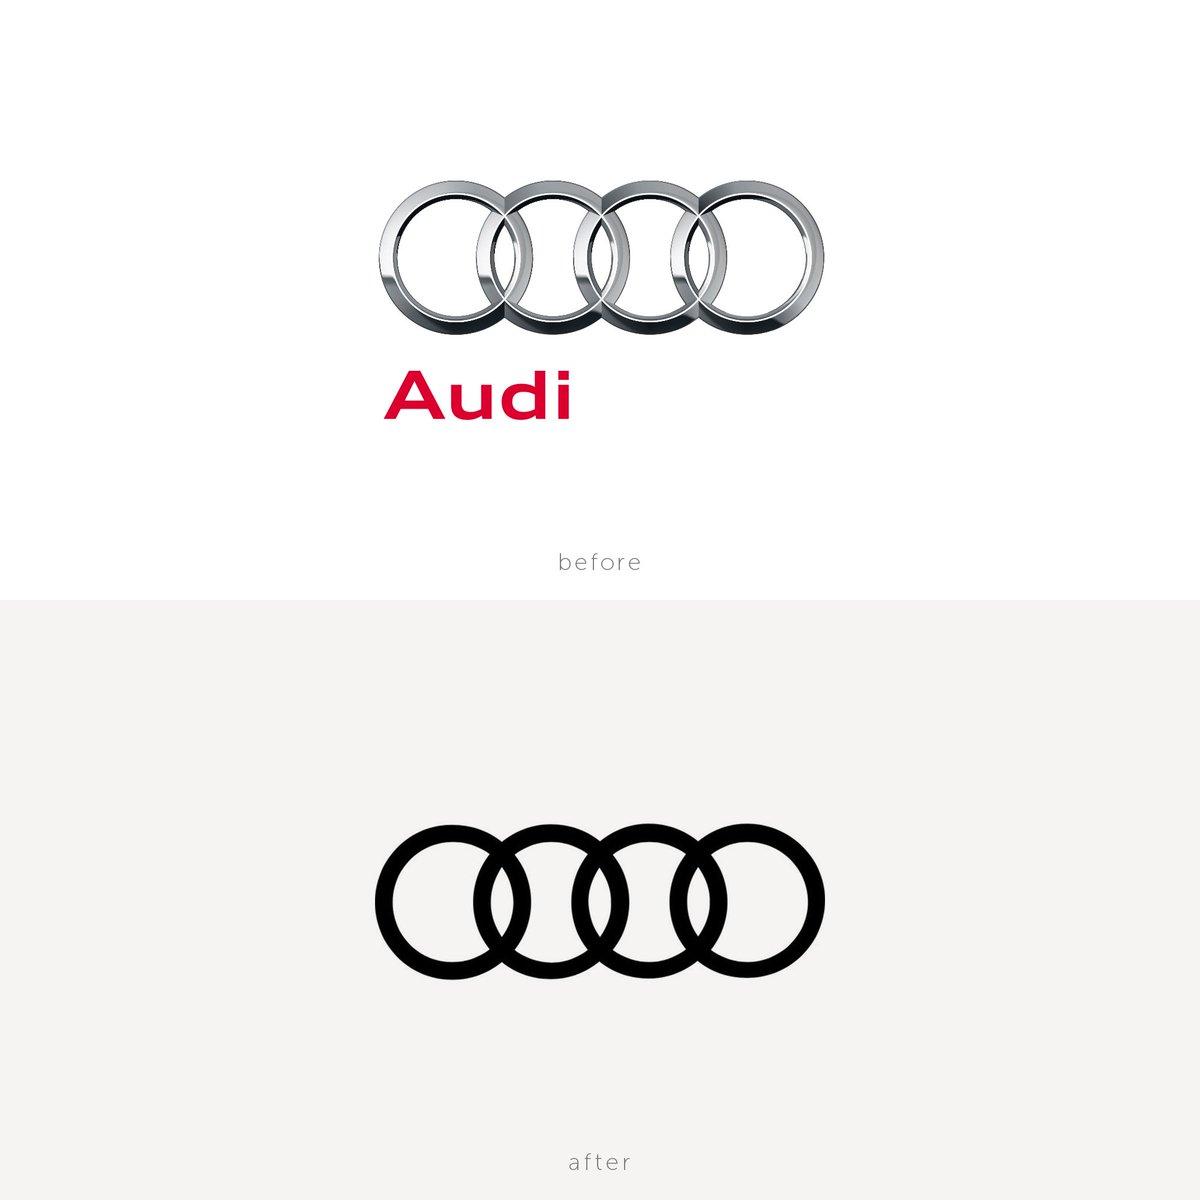 Audiがリブランドの一環でCI/ロゴを変更している。自動車メーカーでよく見られる車のエンブレムを模した立体表現から, ロゴでもトレンドのフラットデザインに。 https://t.co/sWYbaLjn2R